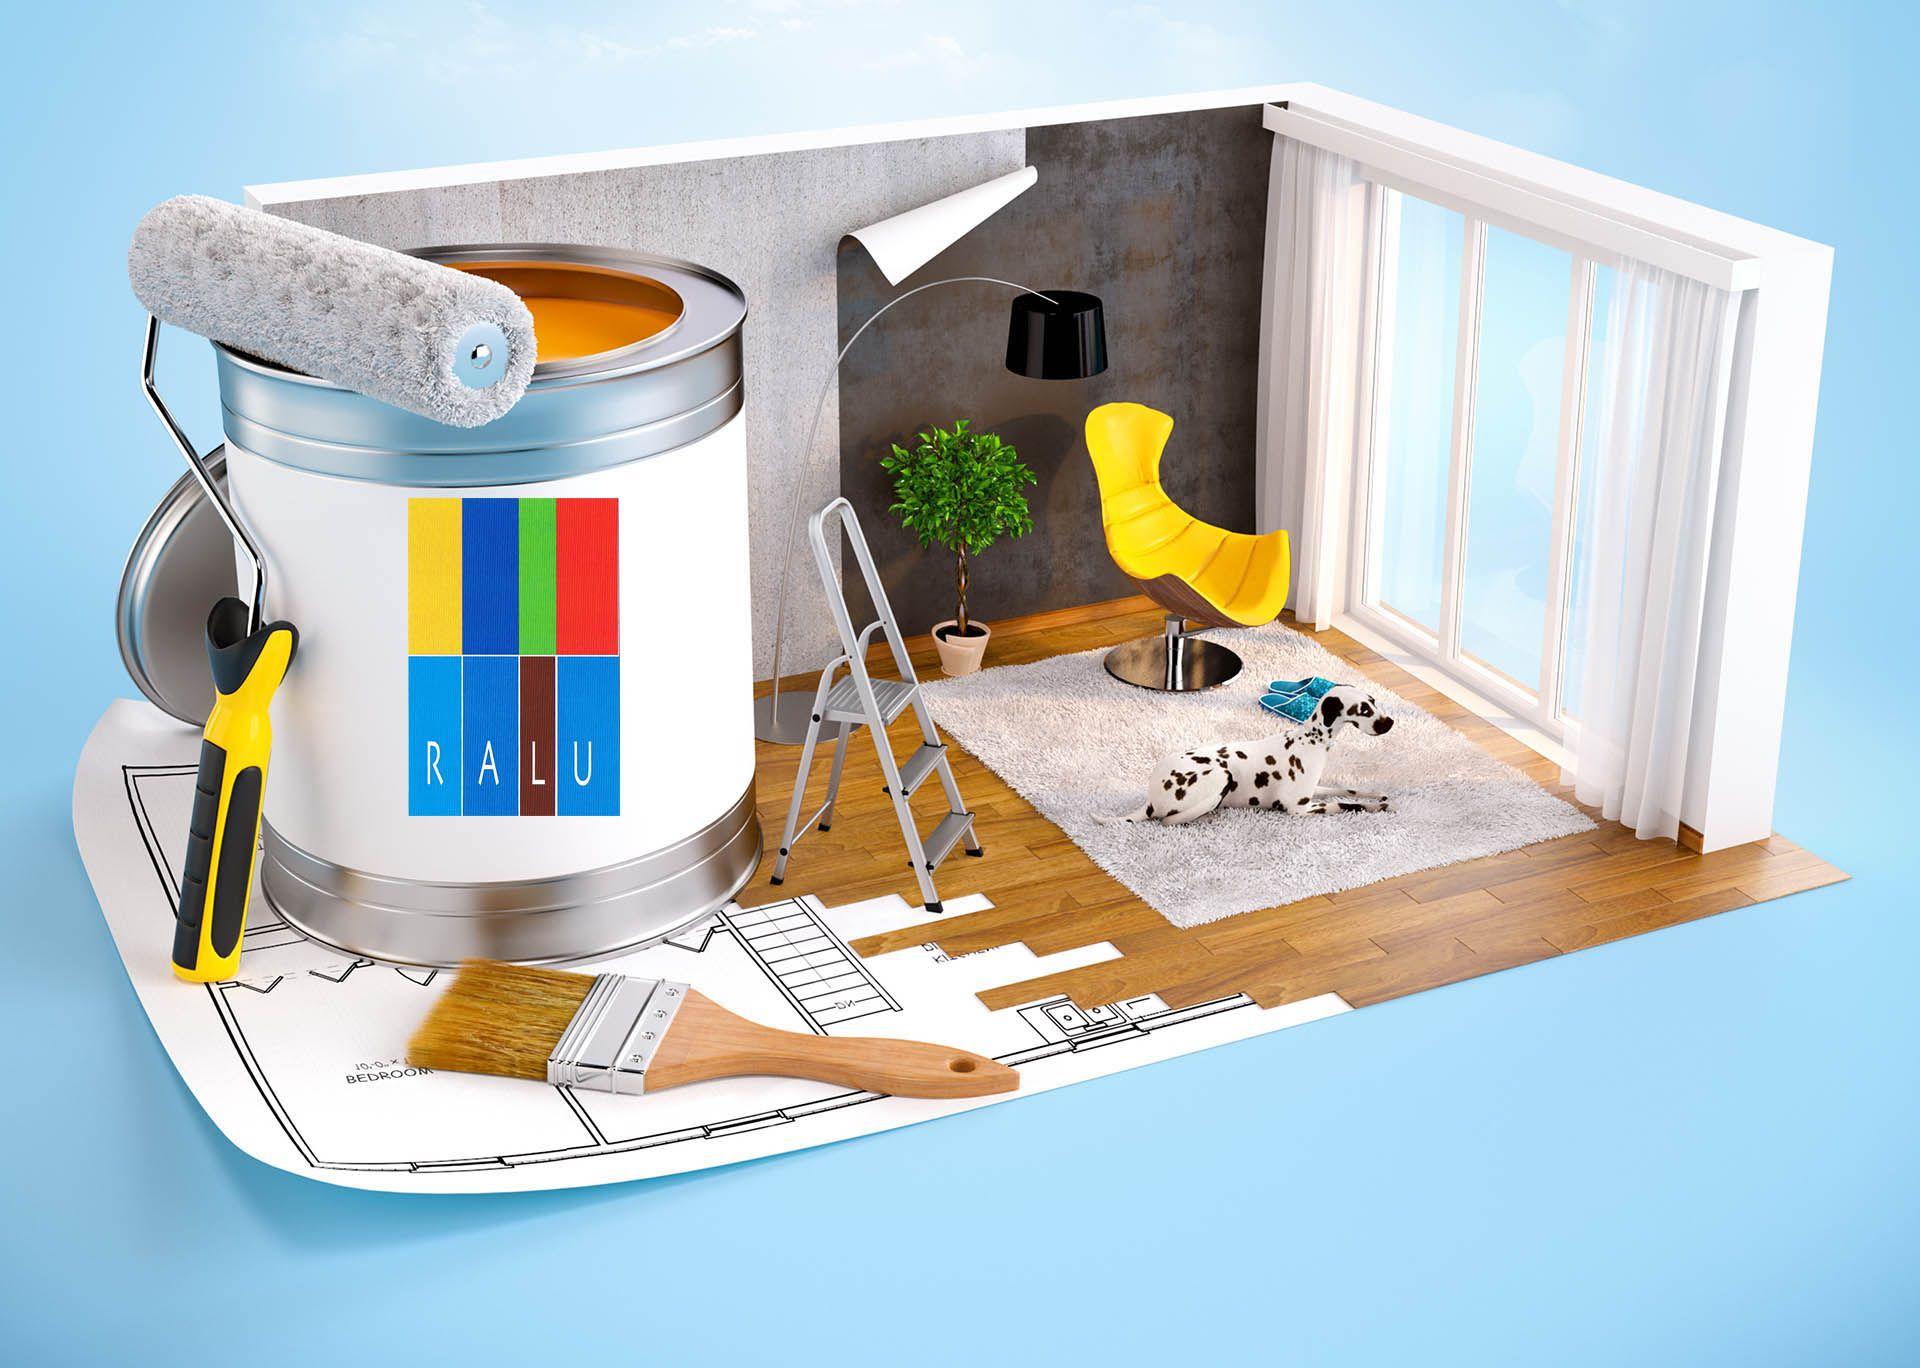 Ralu Pintura Industrial Ralu Pintura Industrial Pintura  # Muebles Personalizados Bujalance